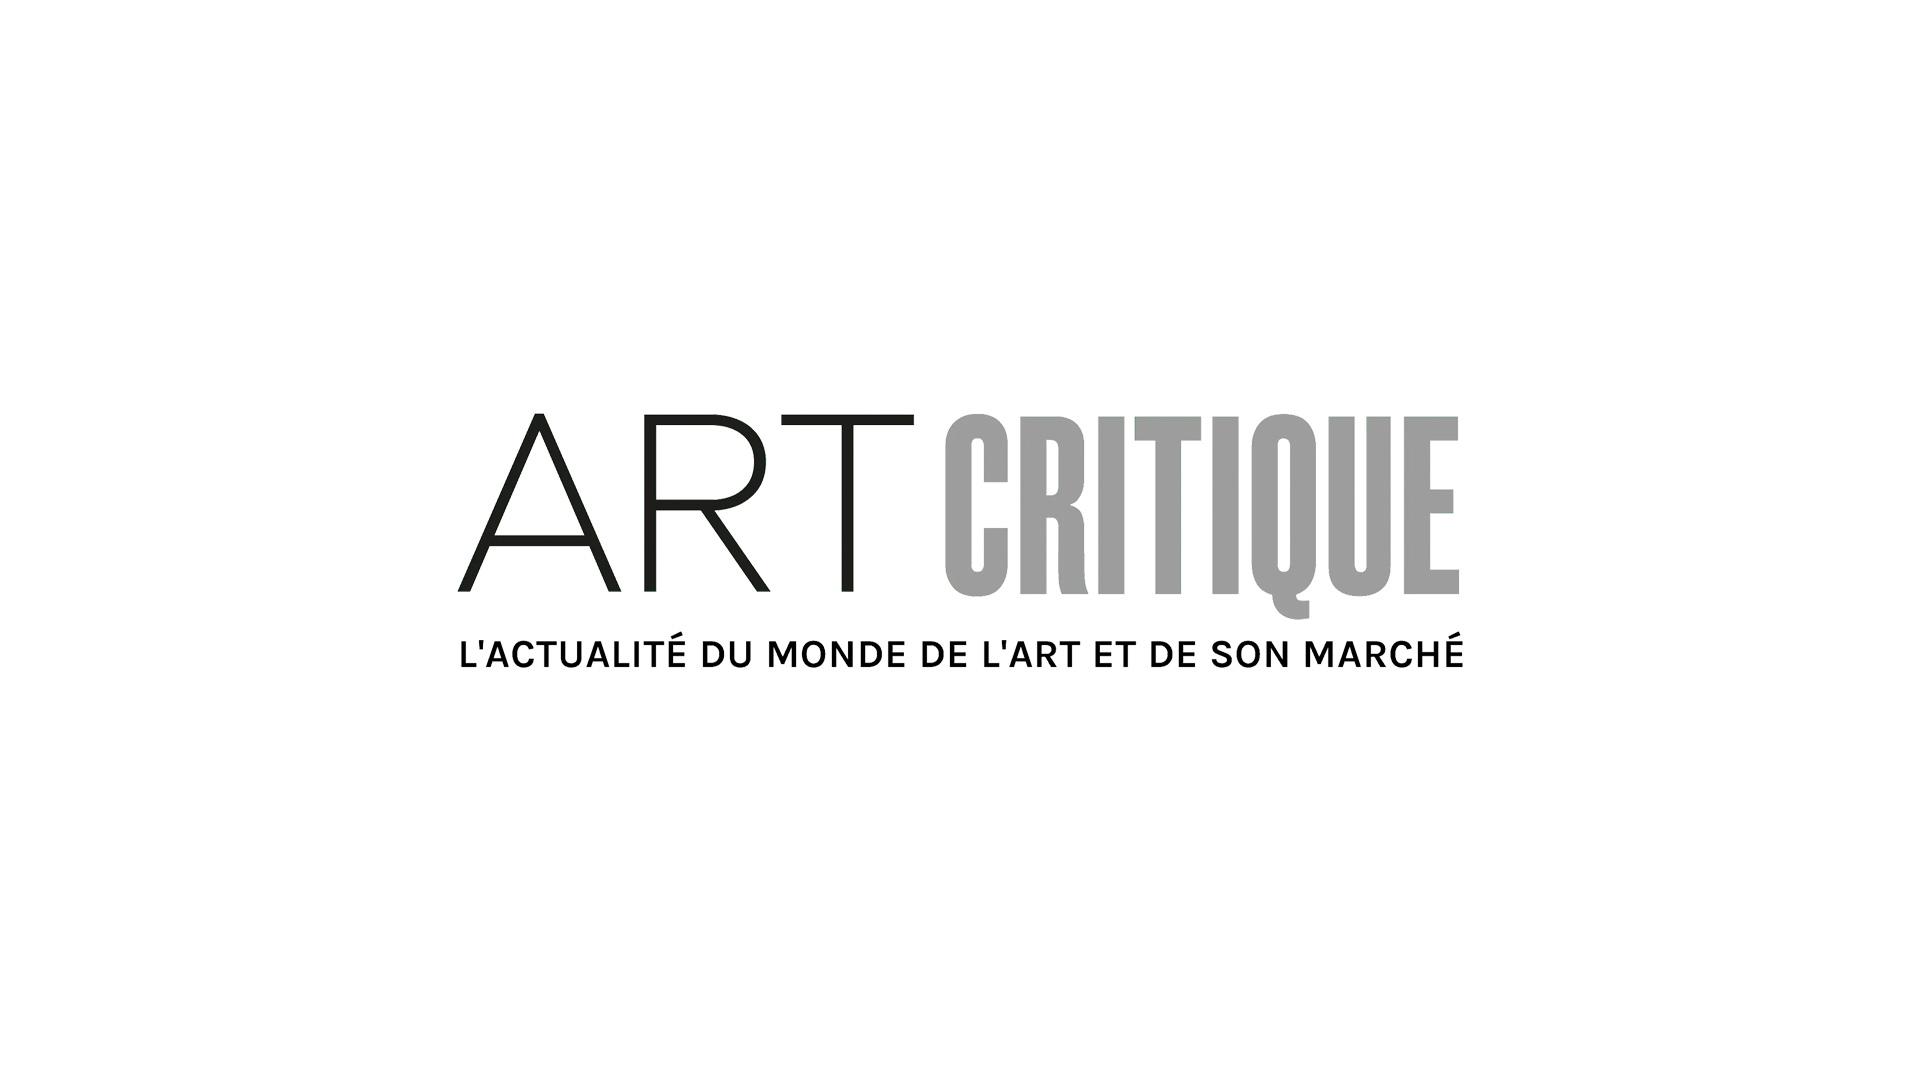 Onze oeuvres de Picasso bientôt aux enchères